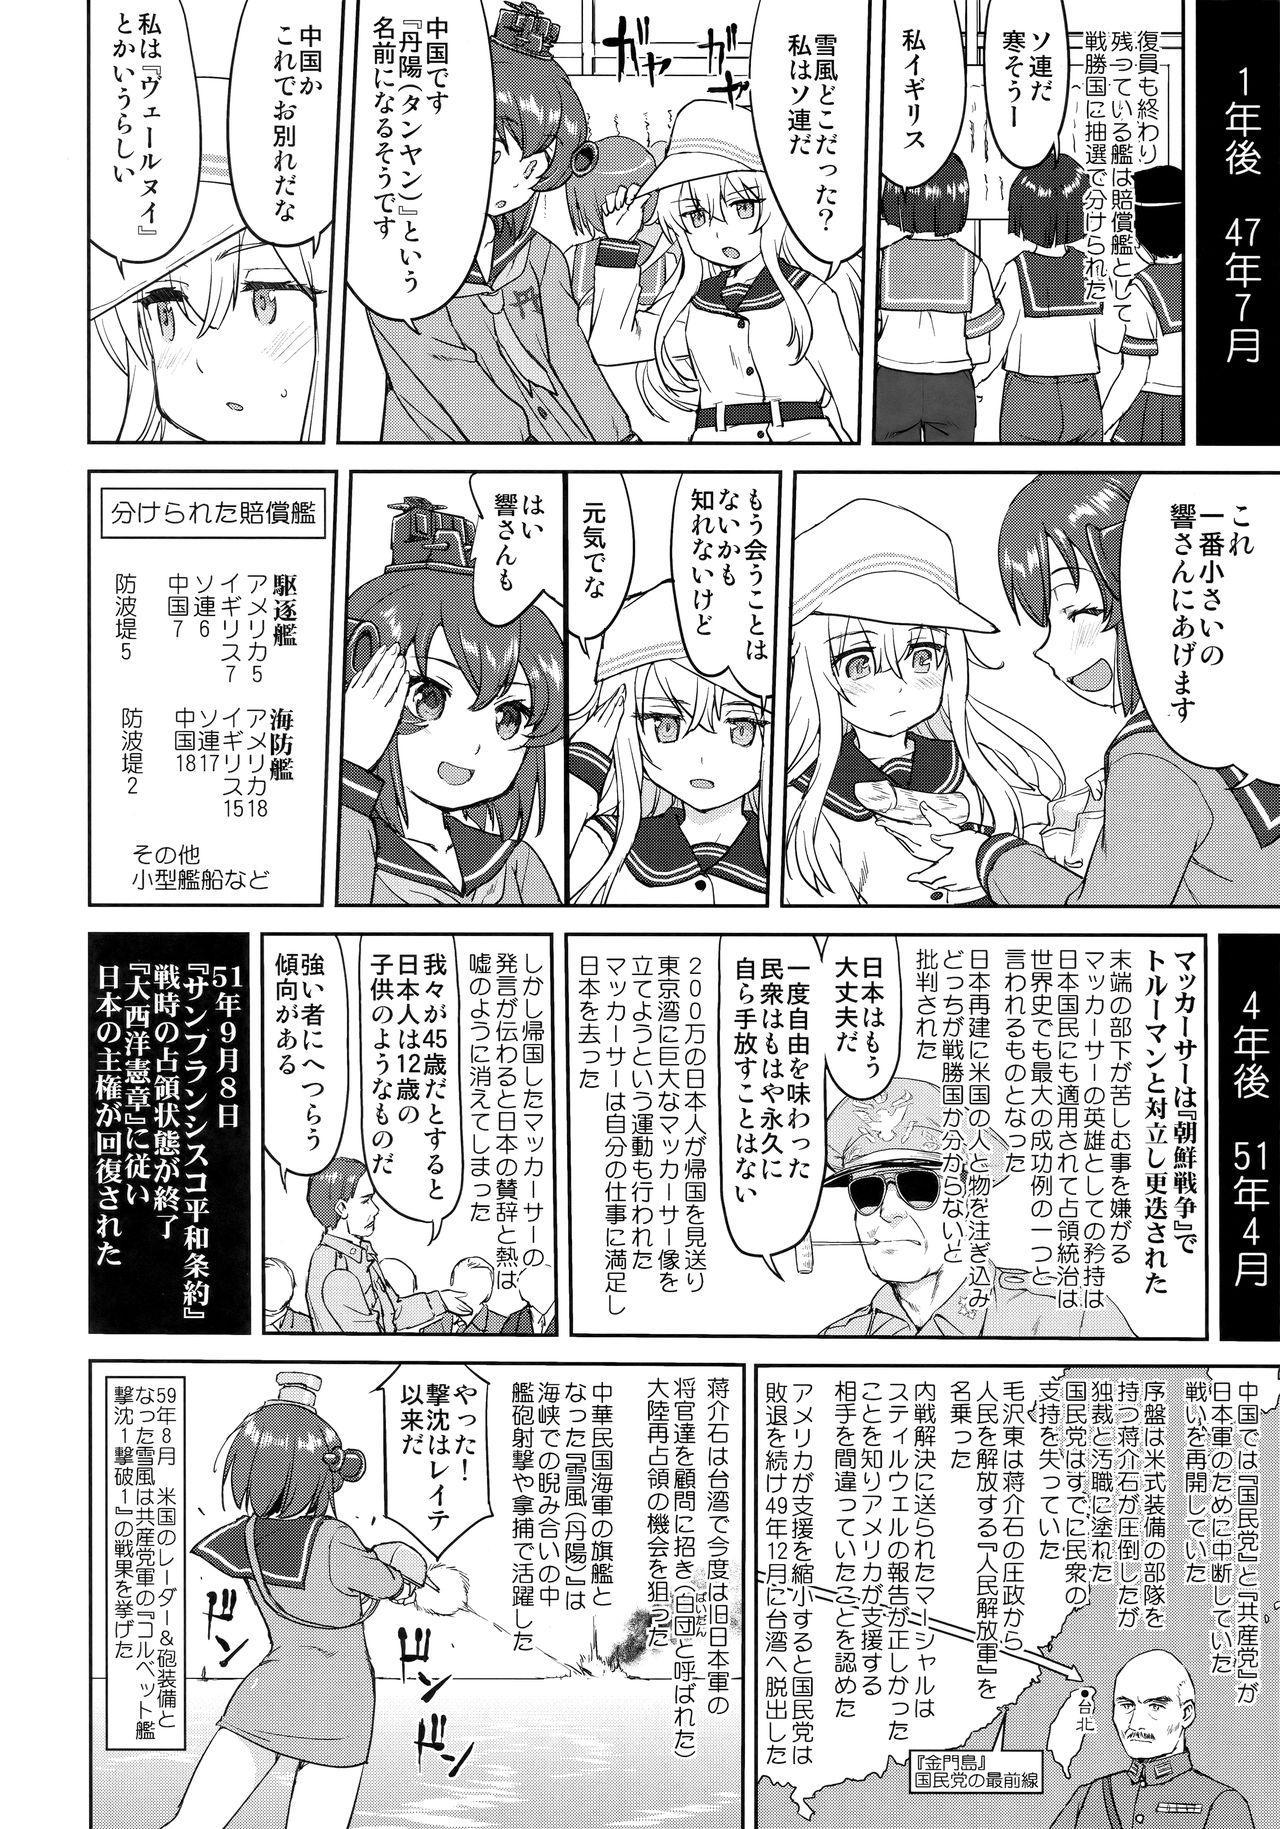 Teitoku no Ketsudan Kanmusu no Ichiban Nagai Hi 54